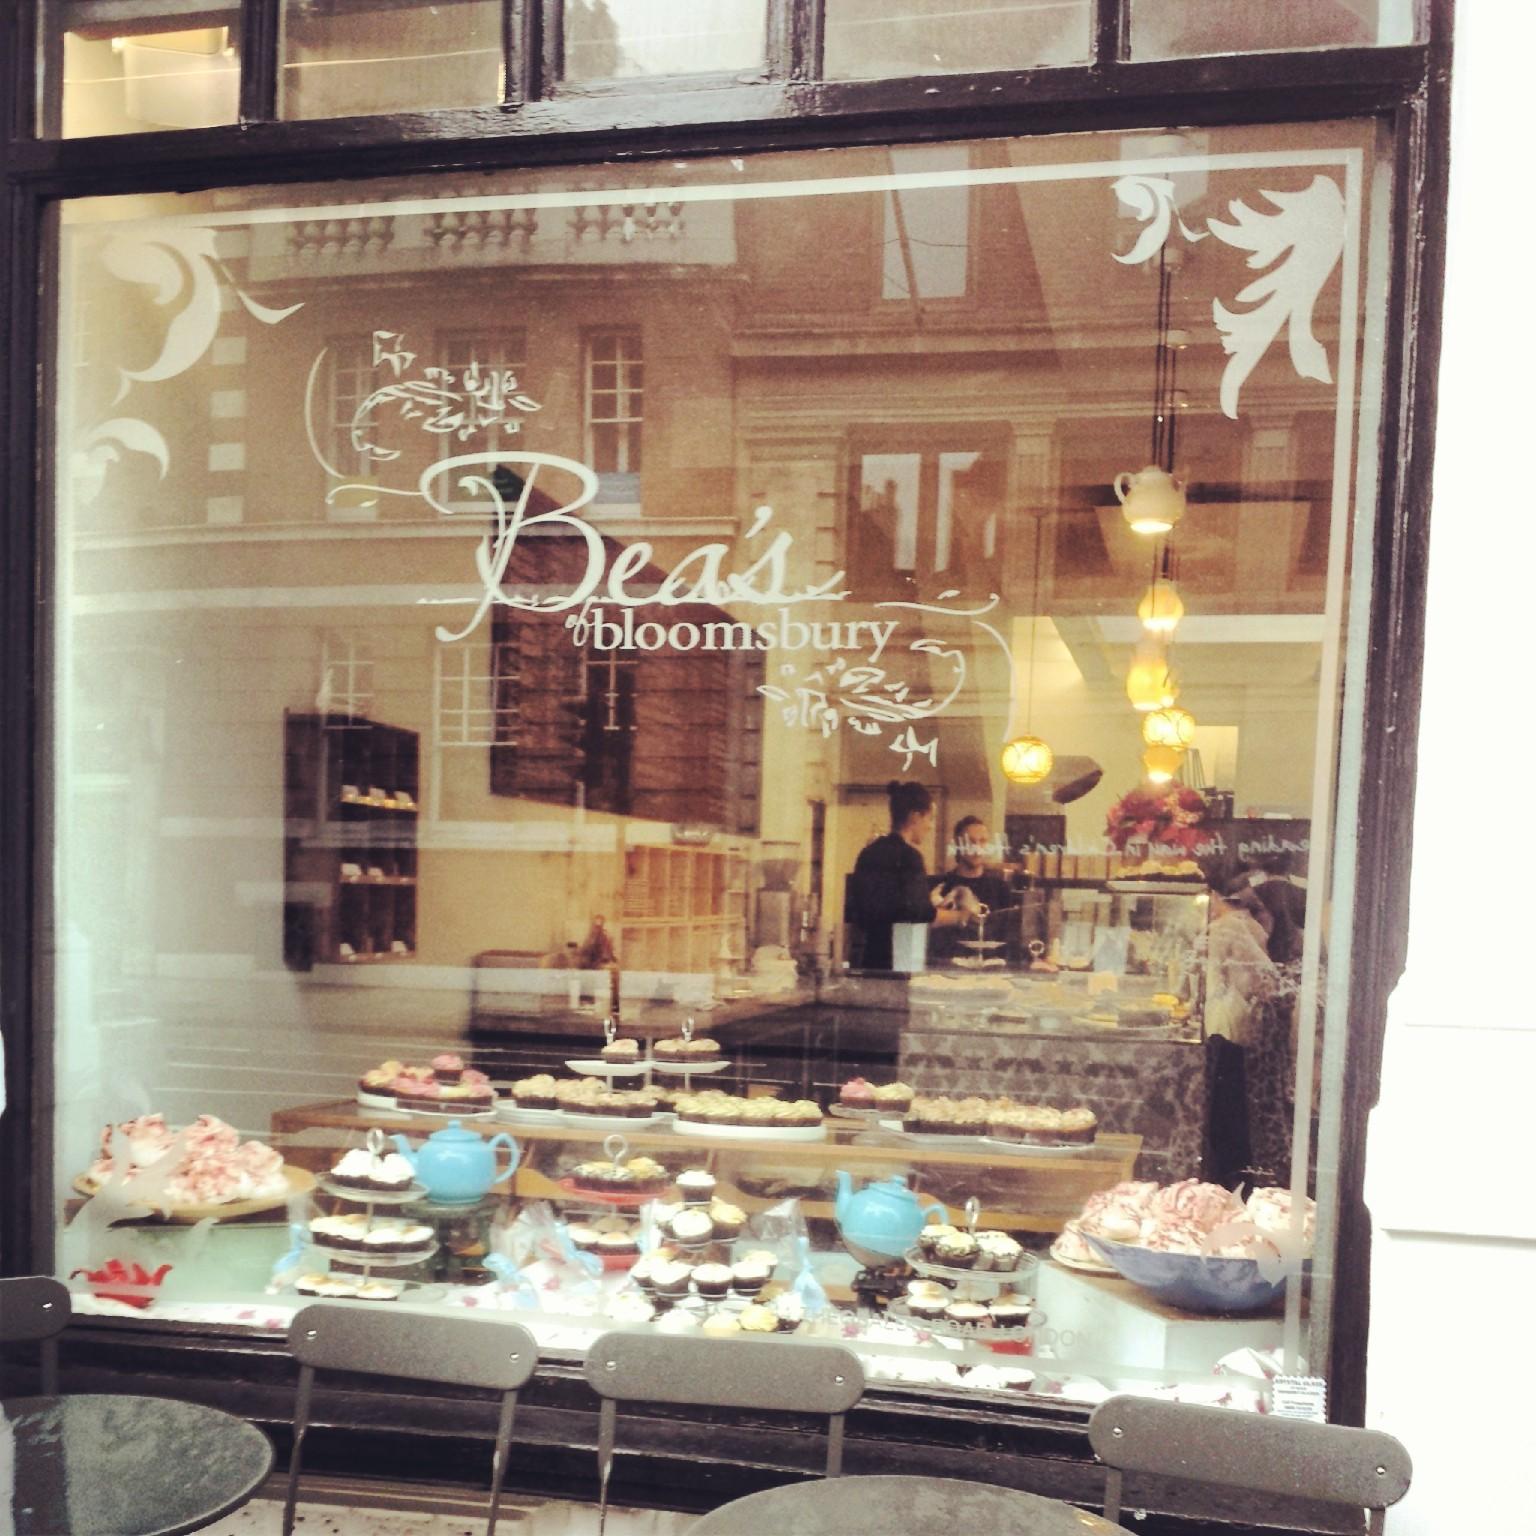 Cake Shop Bloomsbury